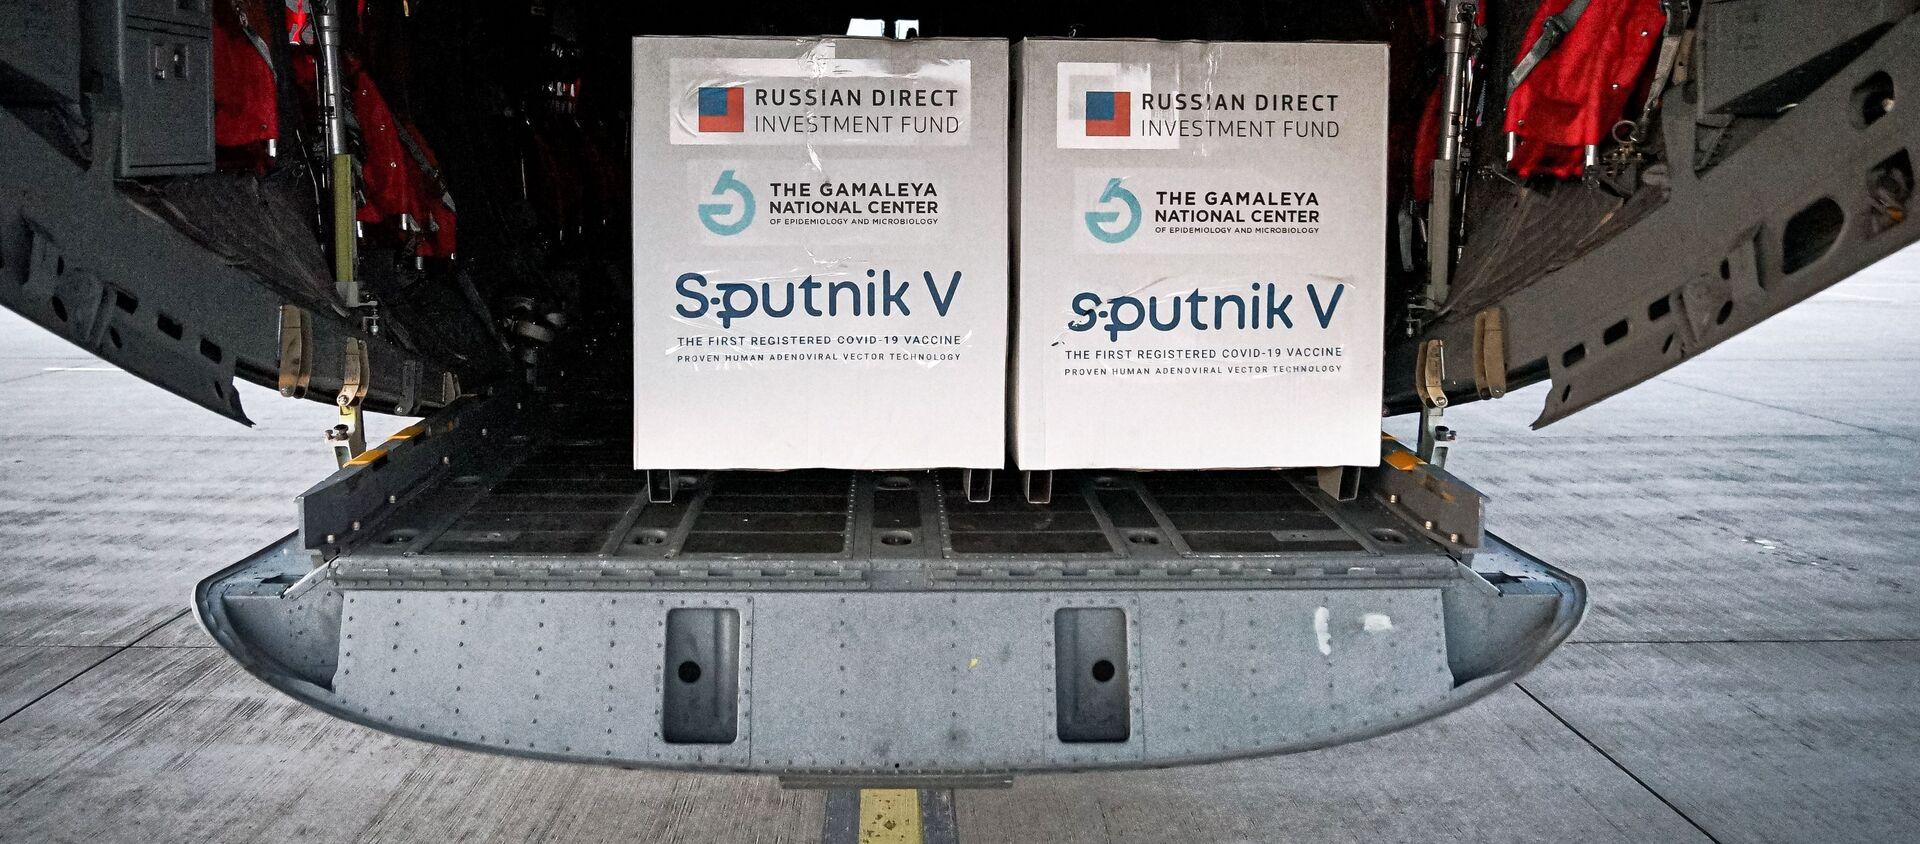 Pierwsza partia rosyjskiej szczepionki Sputnik V przyjechała na Słowację - Sputnik Polska, 1920, 07.05.2021